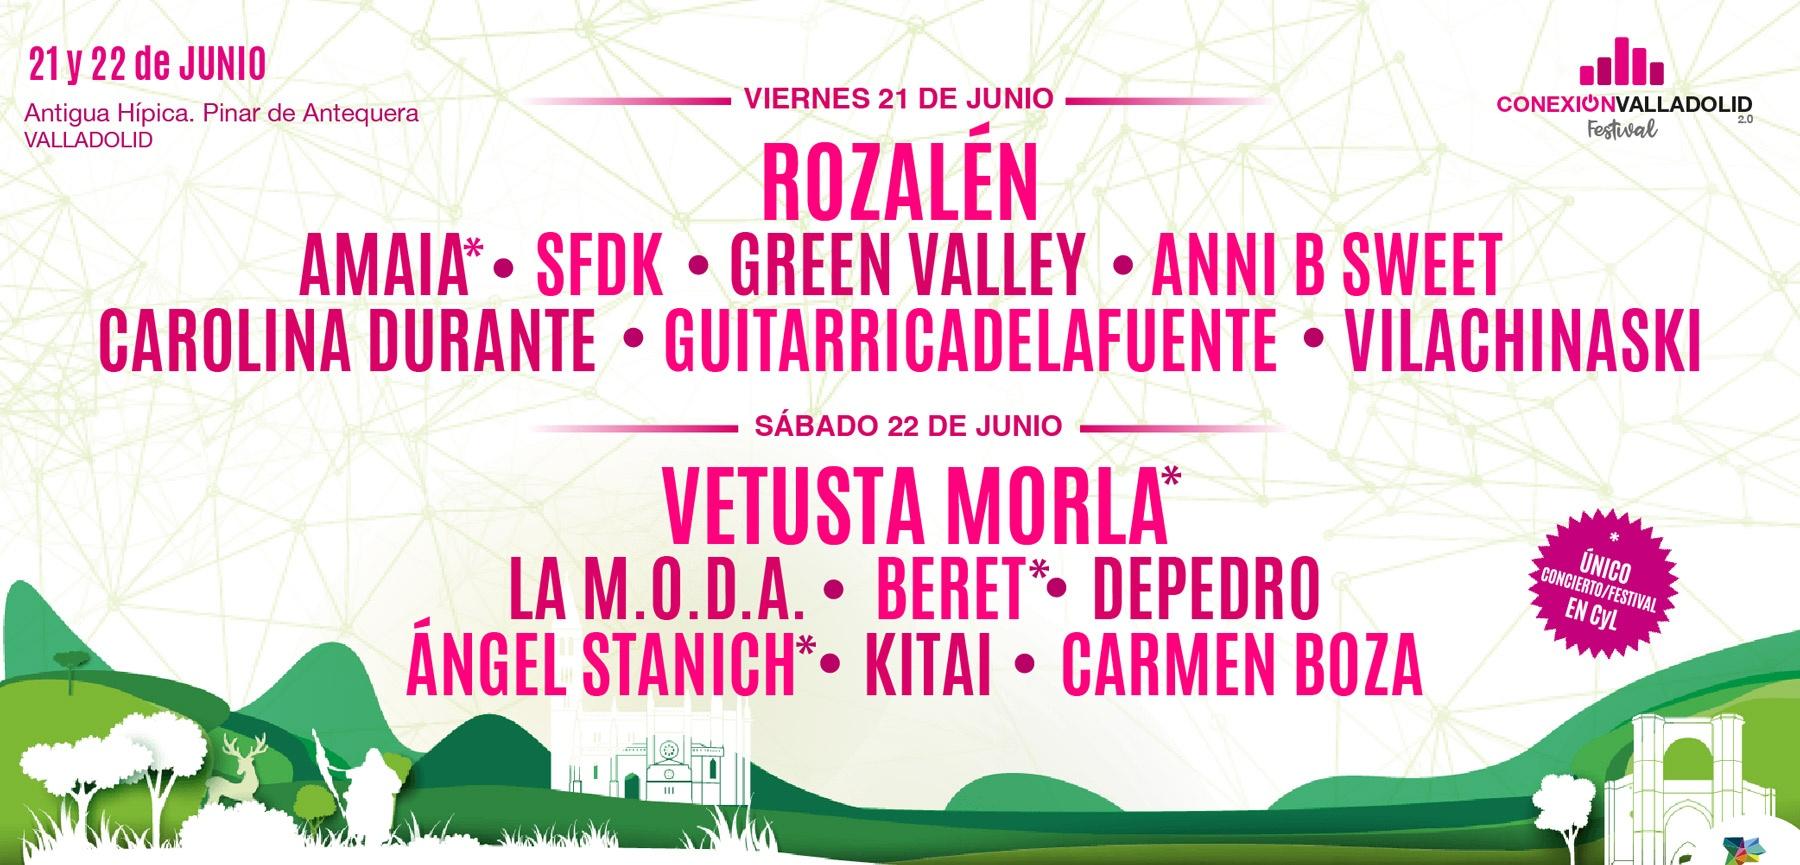 Cartel de Conexión Valladolid Festival 2019